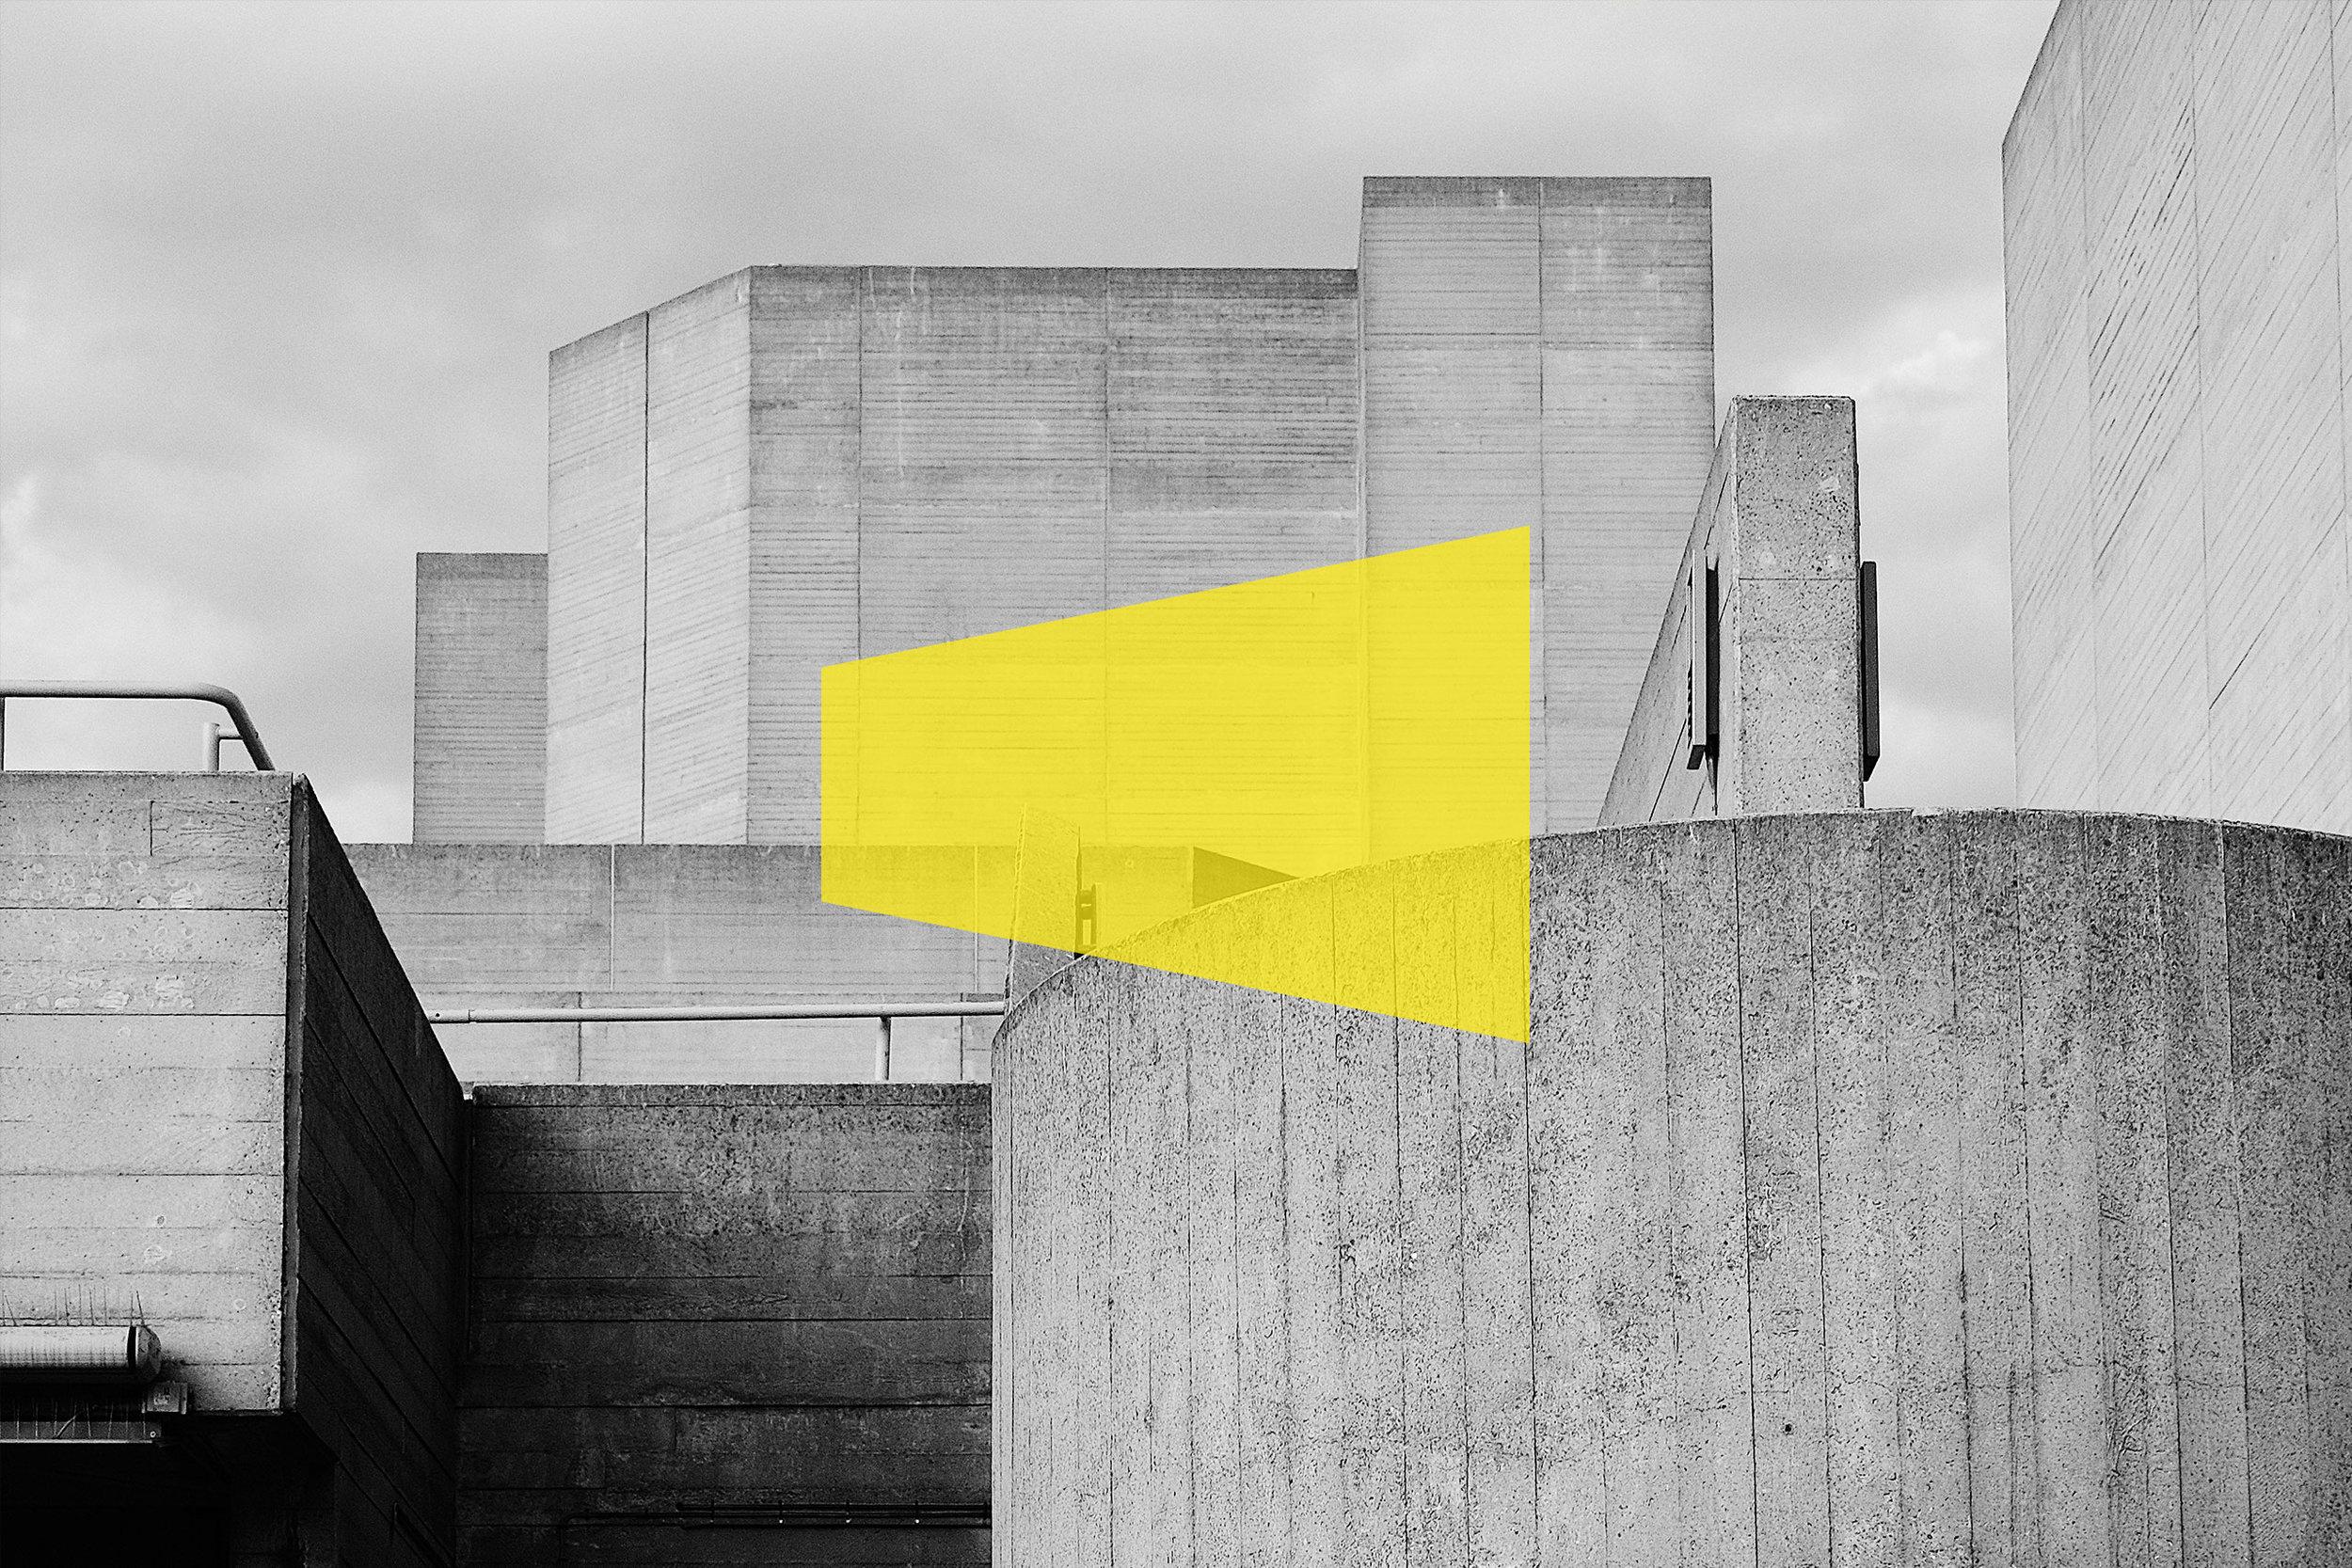 Imagery branding design for Urbancanda London